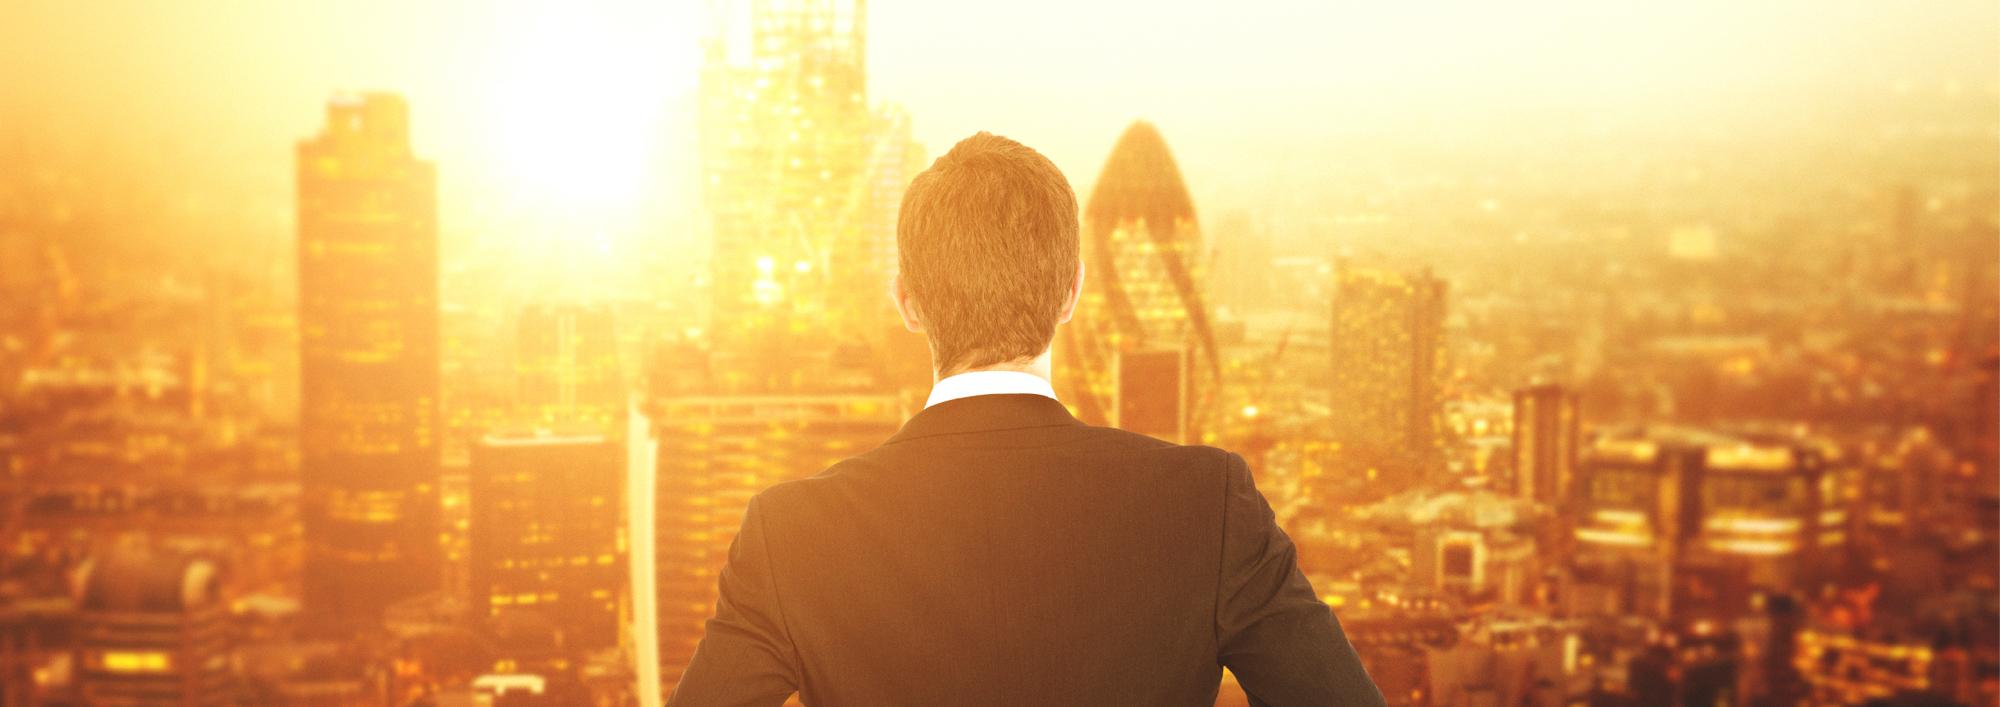 Expert Opinion, Portfolio, Wealth Management